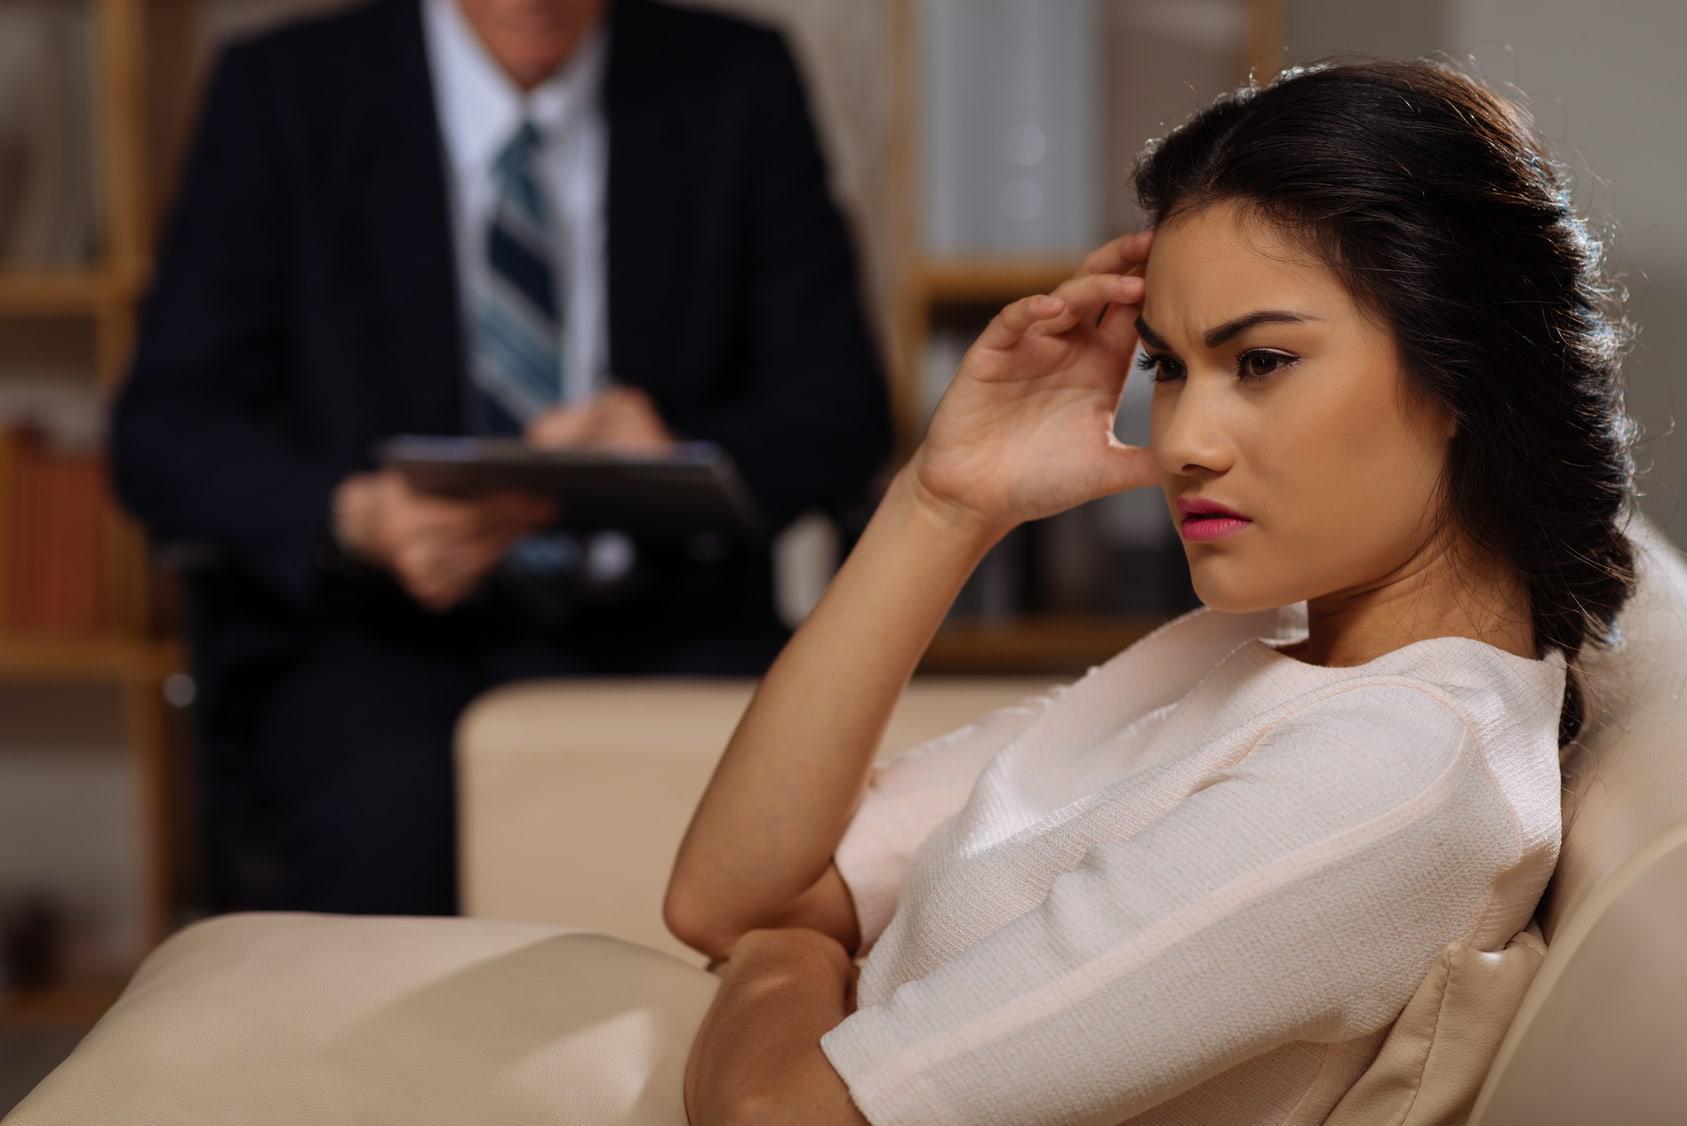 migraine or headache